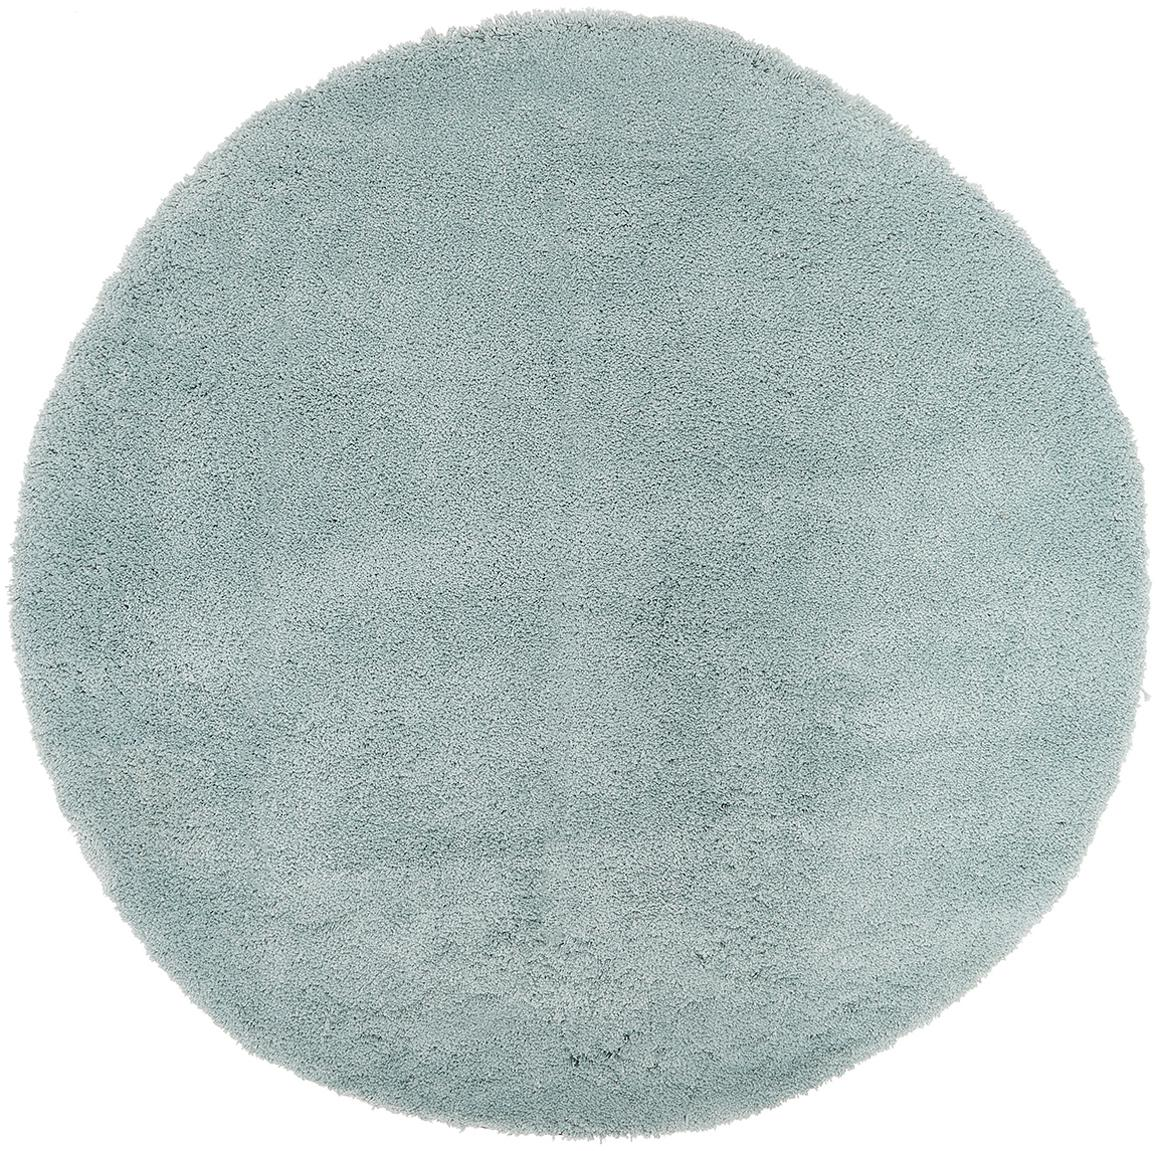 Flauschiger runder Hochflor-Teppich Leighton in Mintgrün, Flor: 100% Polyester (Mikrofase, Mintgrün, Ø 120 cm (Größe S)